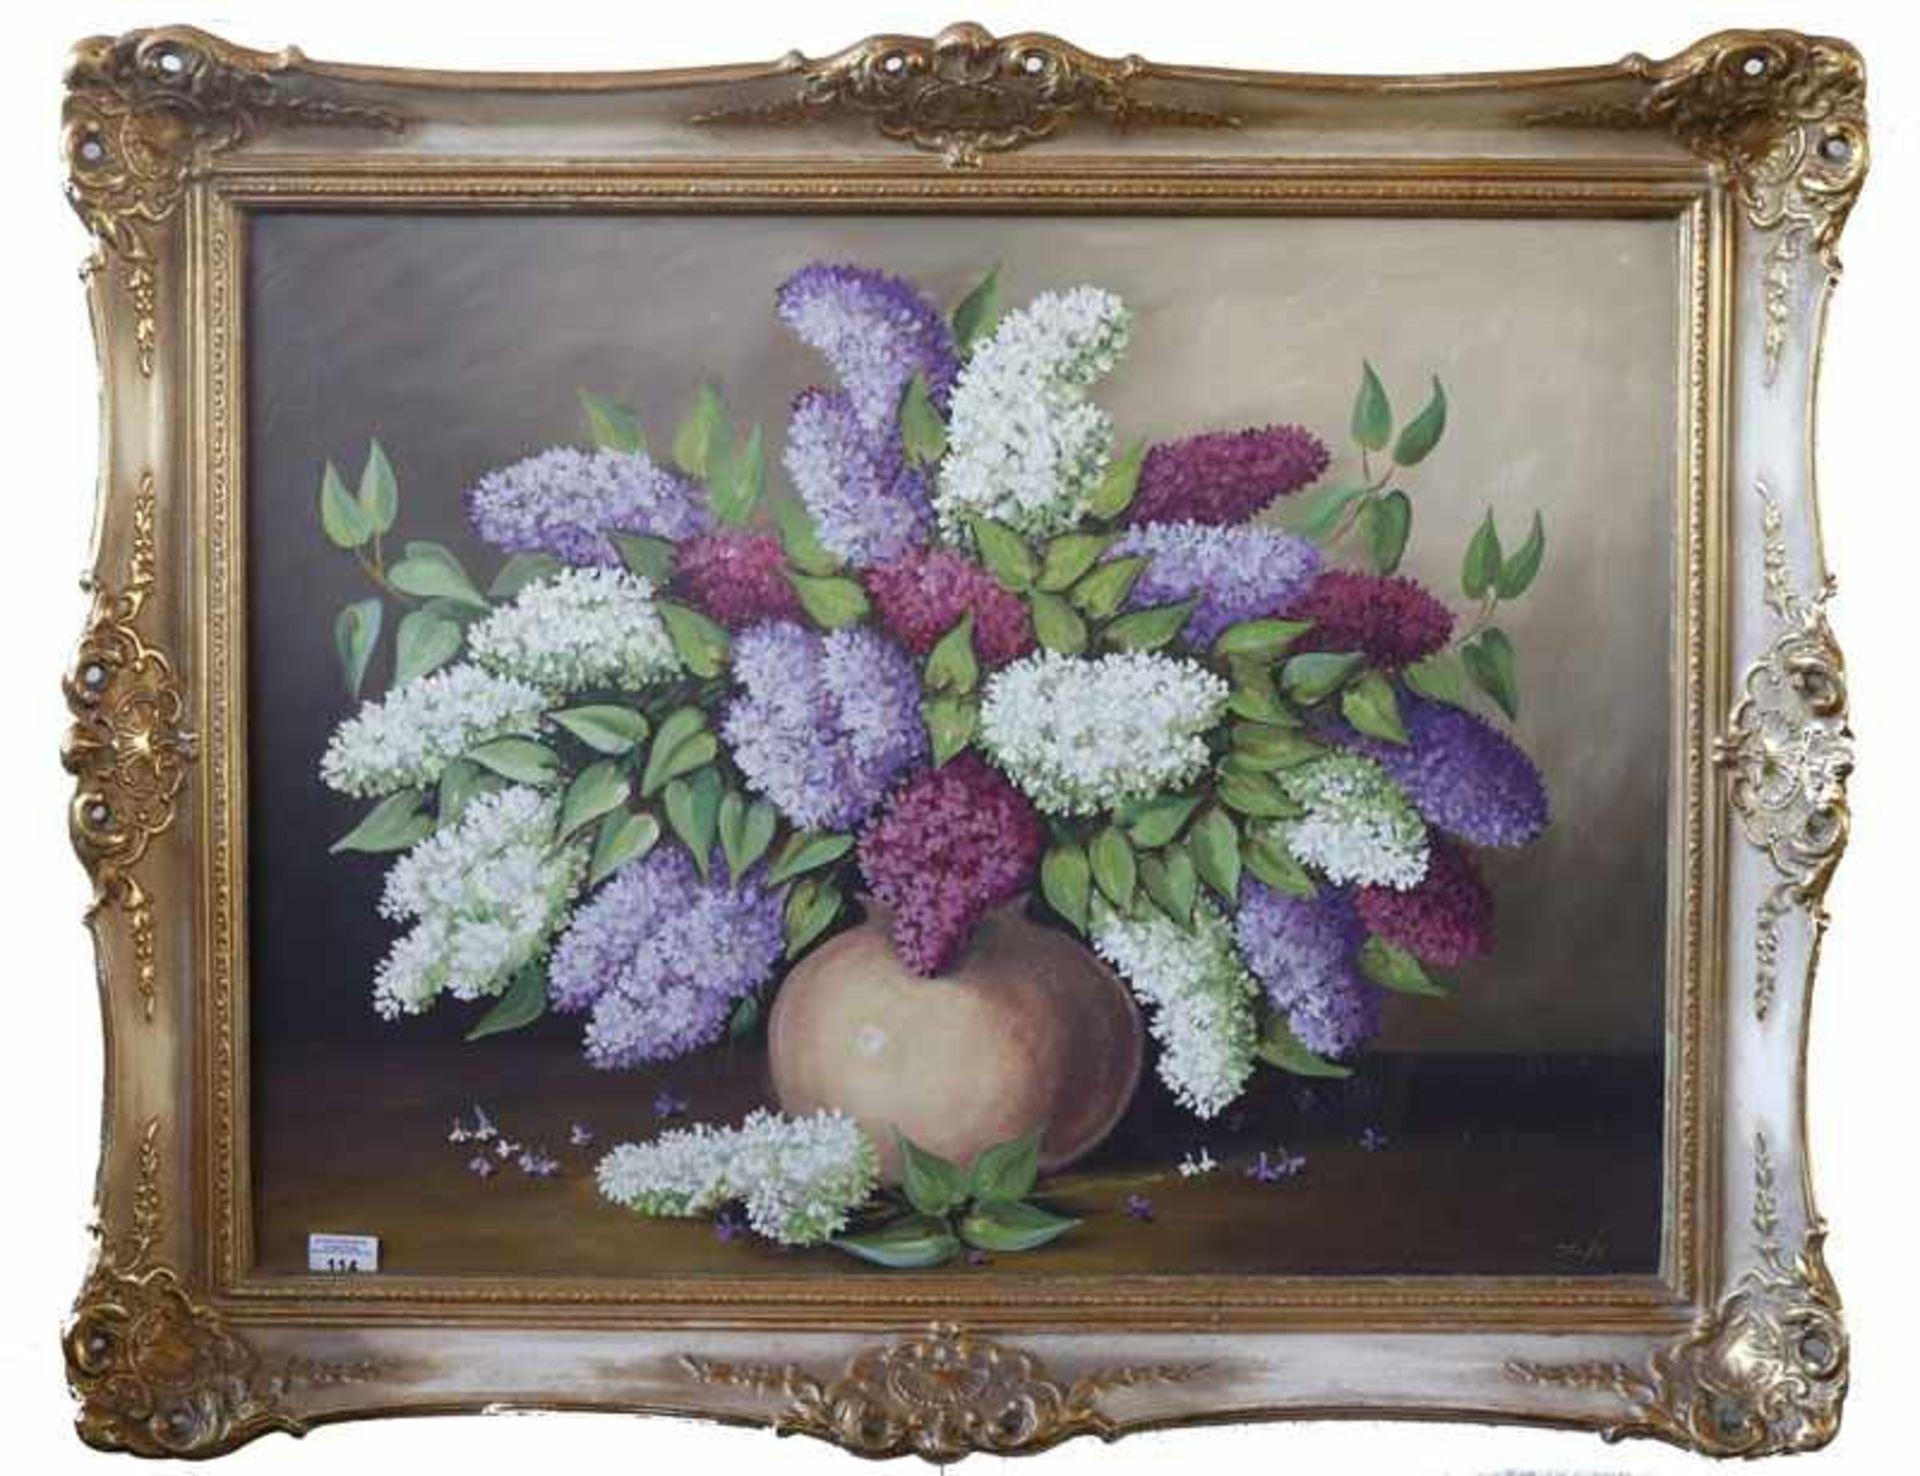 Gemälde ÖL/LW 'Fliederstrauß in Vase', signiert Josi ?, gerahmt, Rahmen leicht beschädigt, incl.